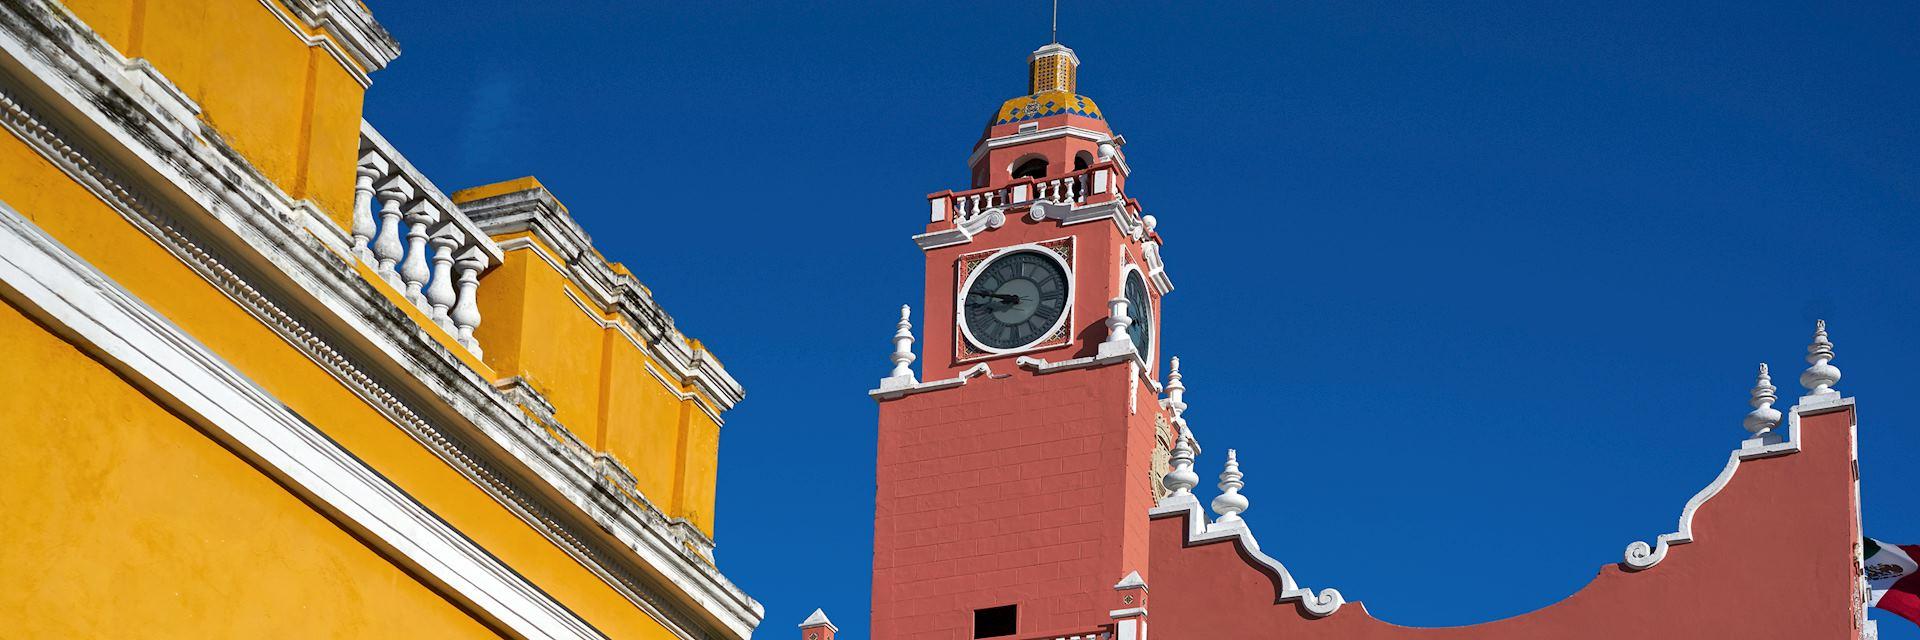 Mérida town hall